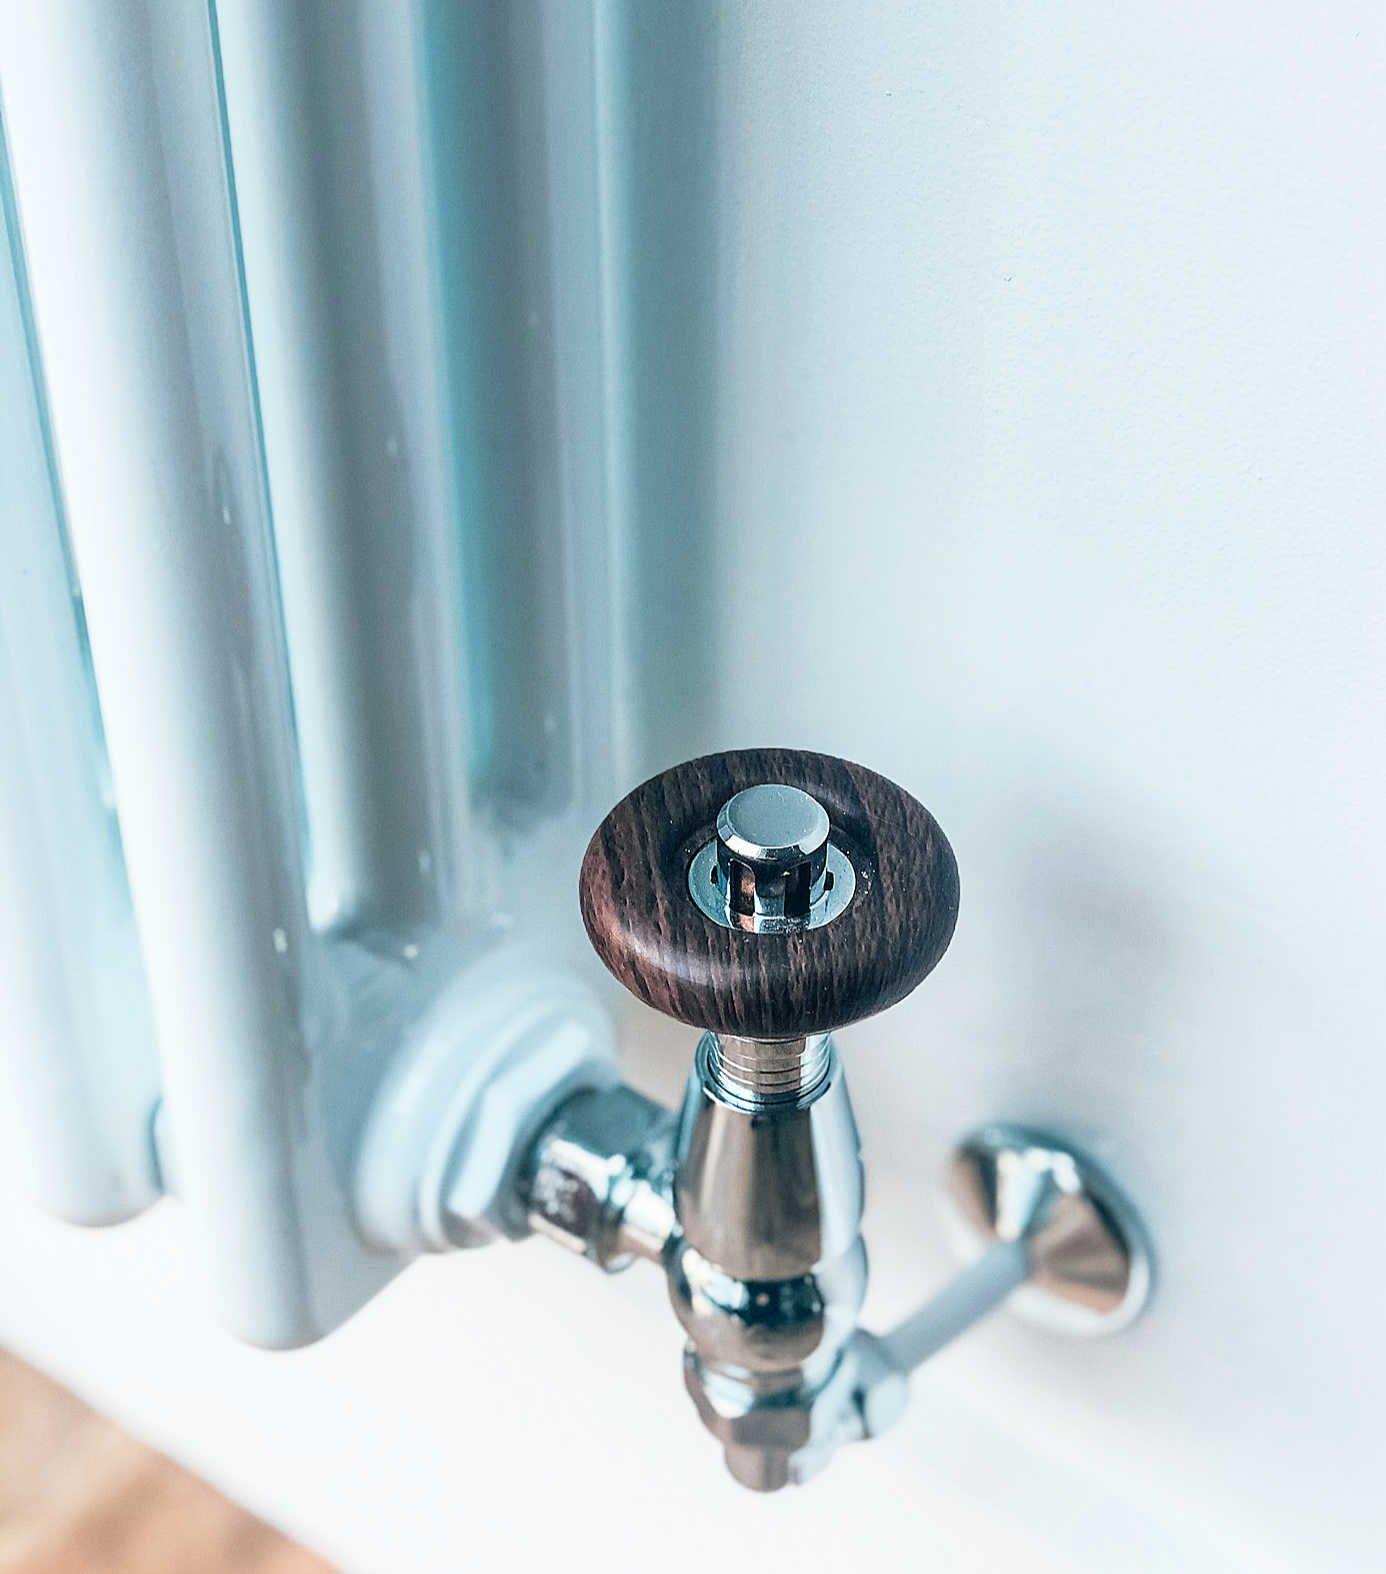 Modern radiator valves